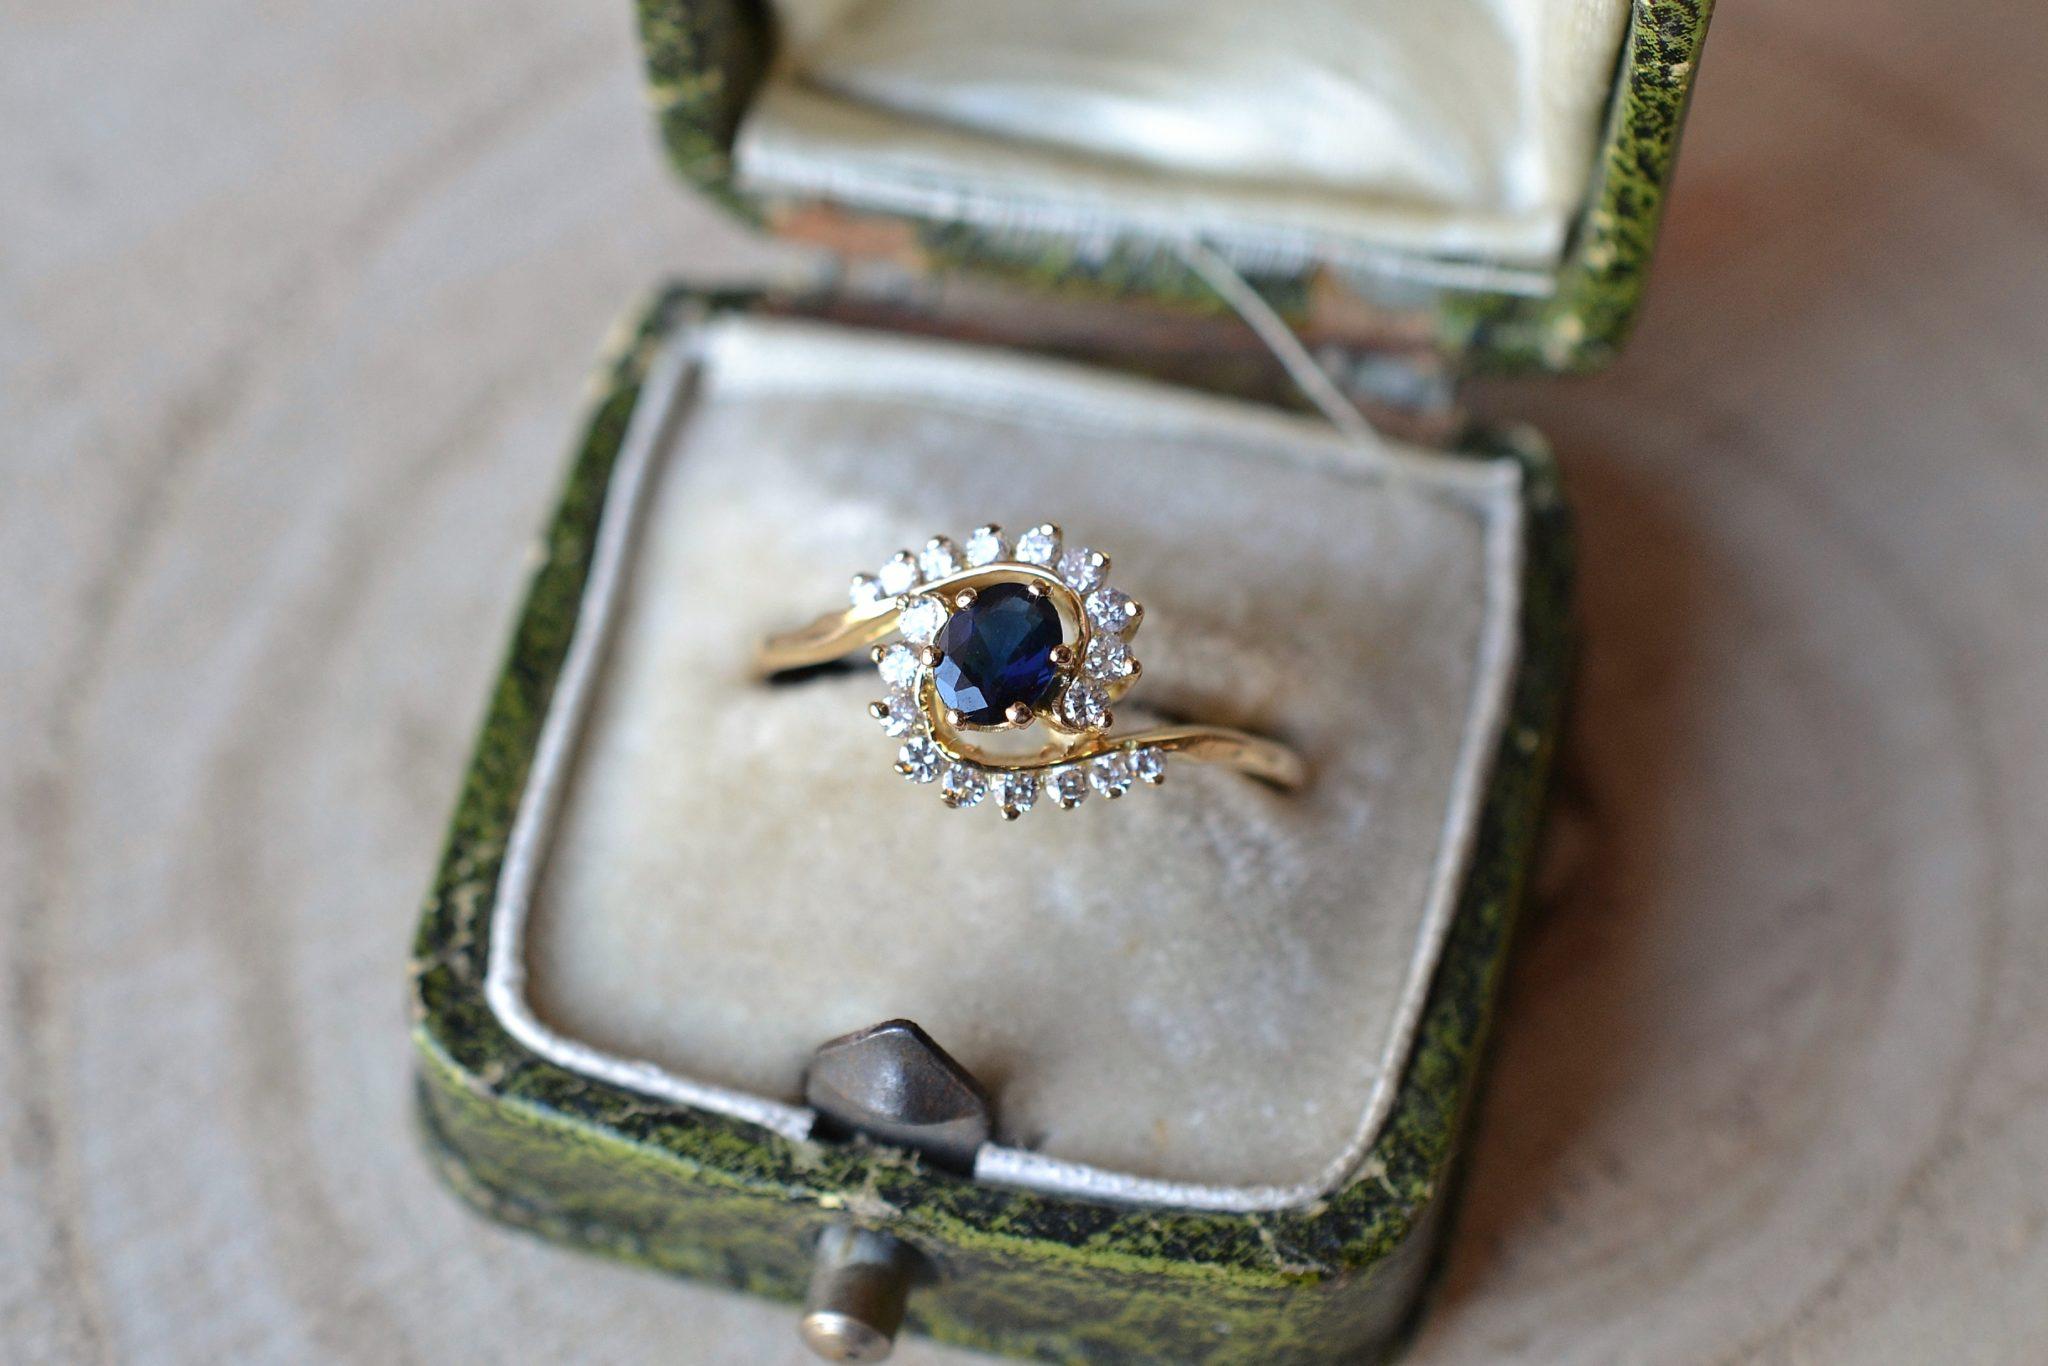 Bague En Or Jaune En Forme De Spirale Sertie D_un Saphir Accompagné De Diamants - Bague Éthique Et Éco-responsable